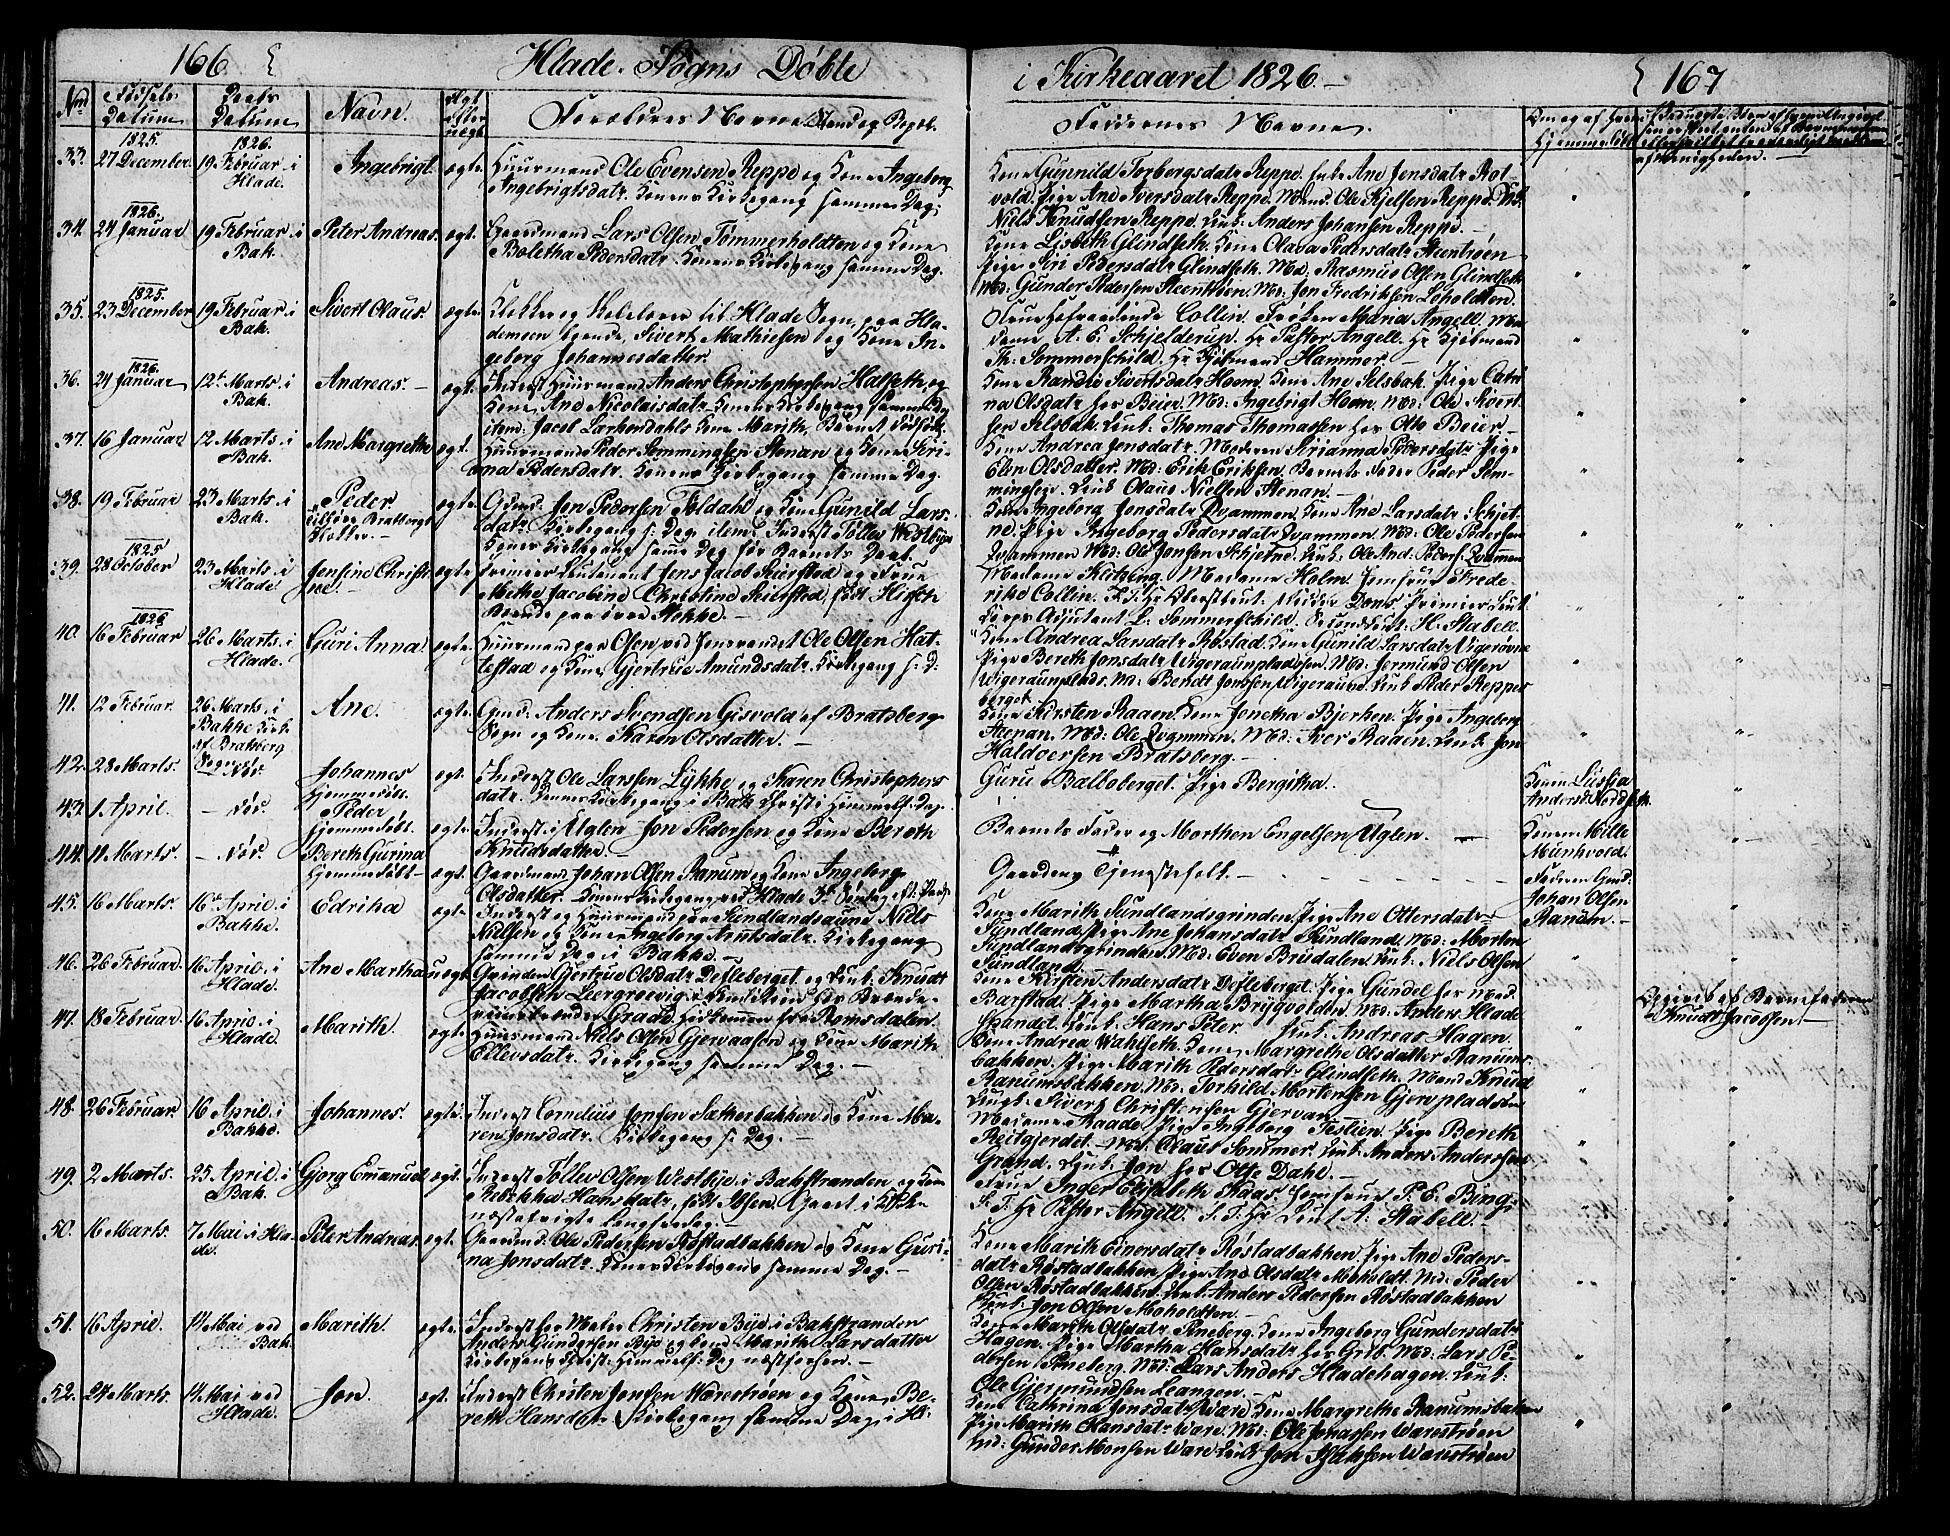 SAT, Ministerialprotokoller, klokkerbøker og fødselsregistre - Sør-Trøndelag, 606/L0306: Klokkerbok nr. 606C02, 1797-1829, s. 166-167